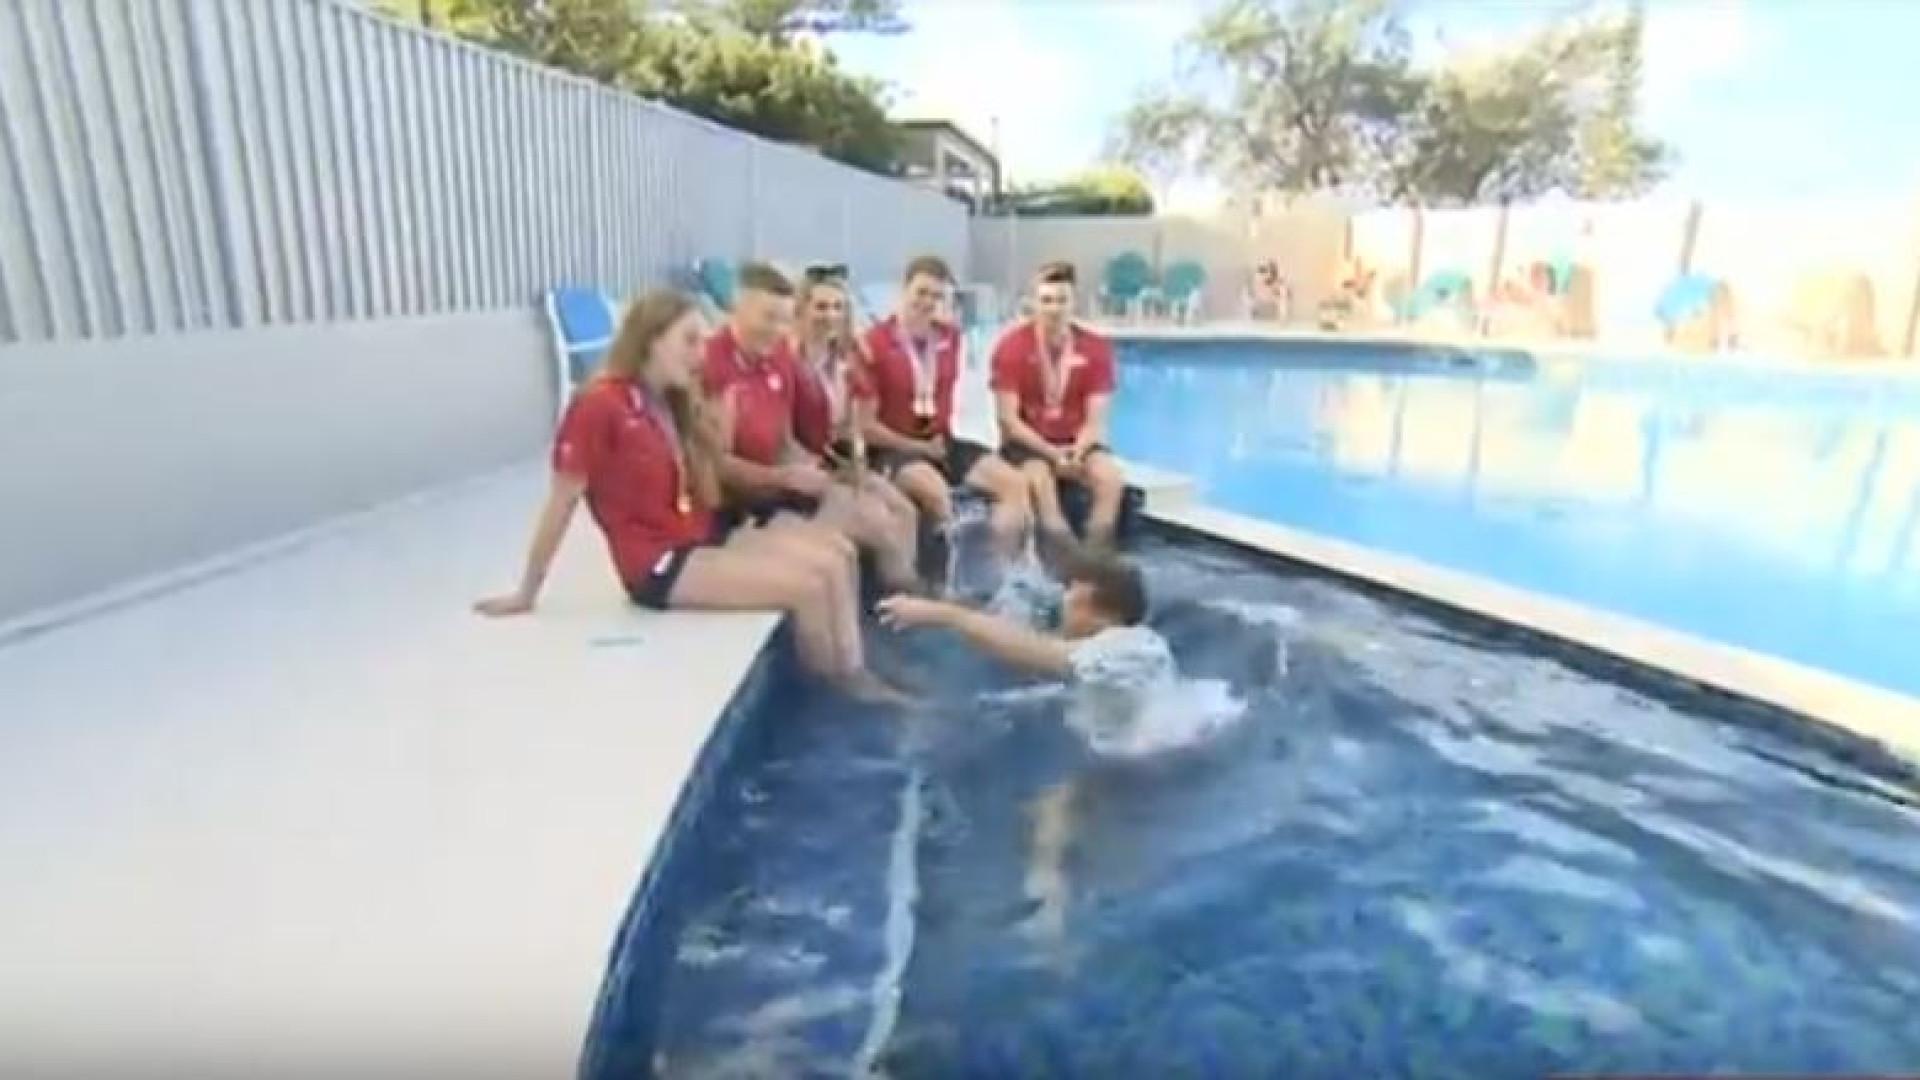 Not cias ao minuto jornalista cai em piscina em pleno direto for Piscinas insolitas